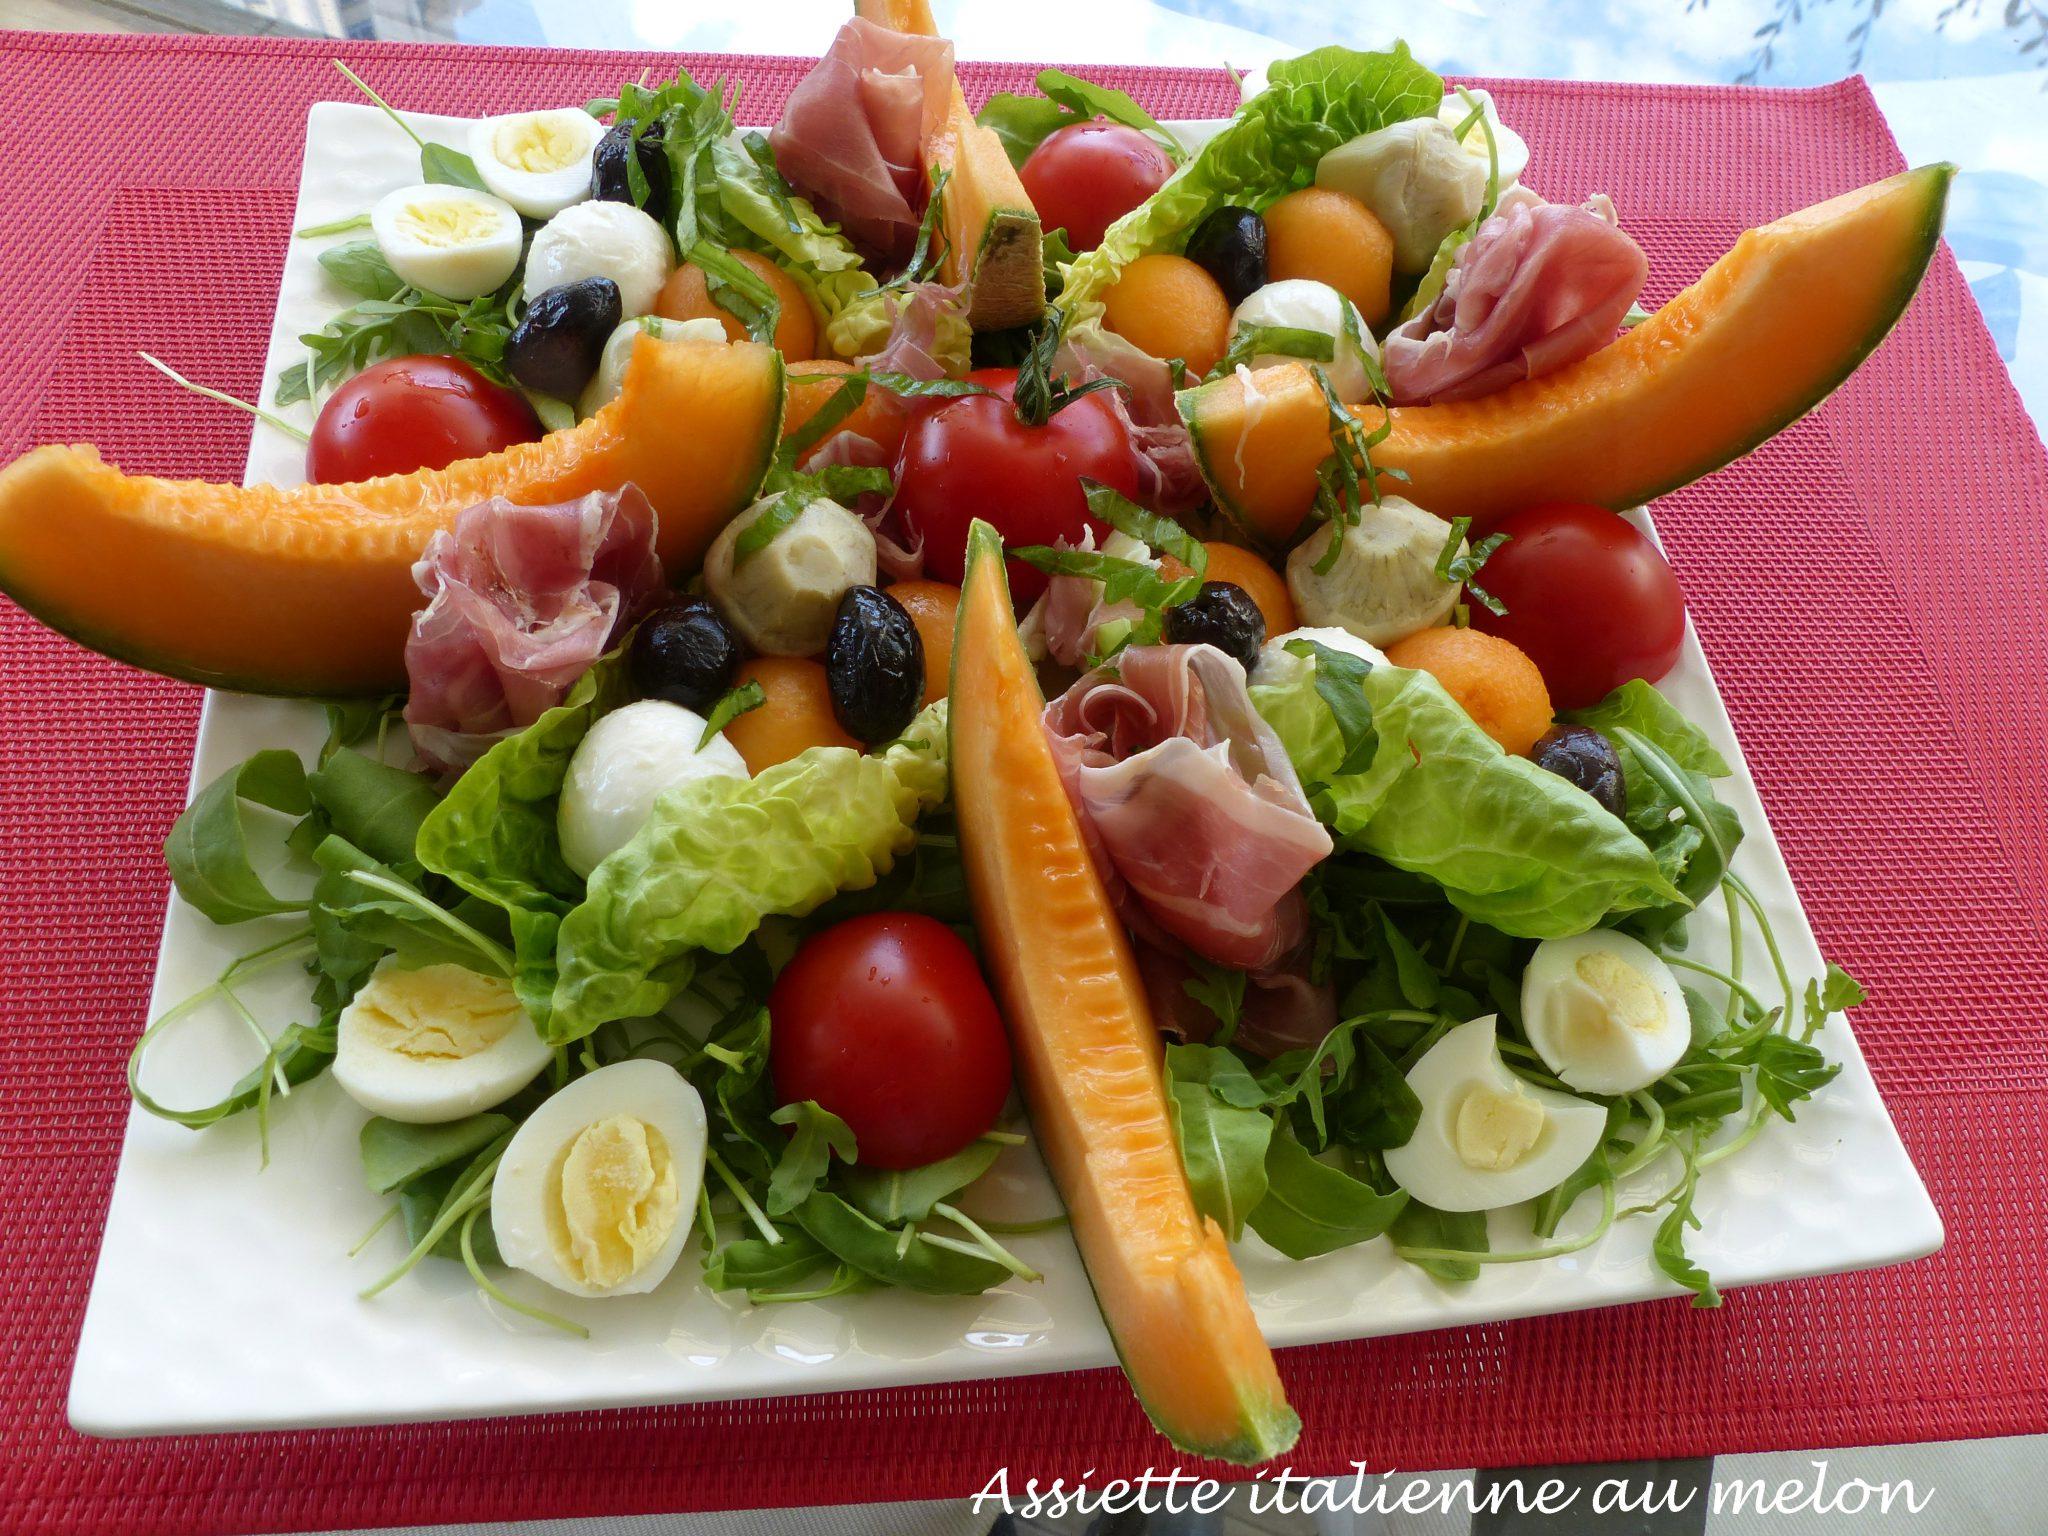 Assiette italienne au melon P1110763 R